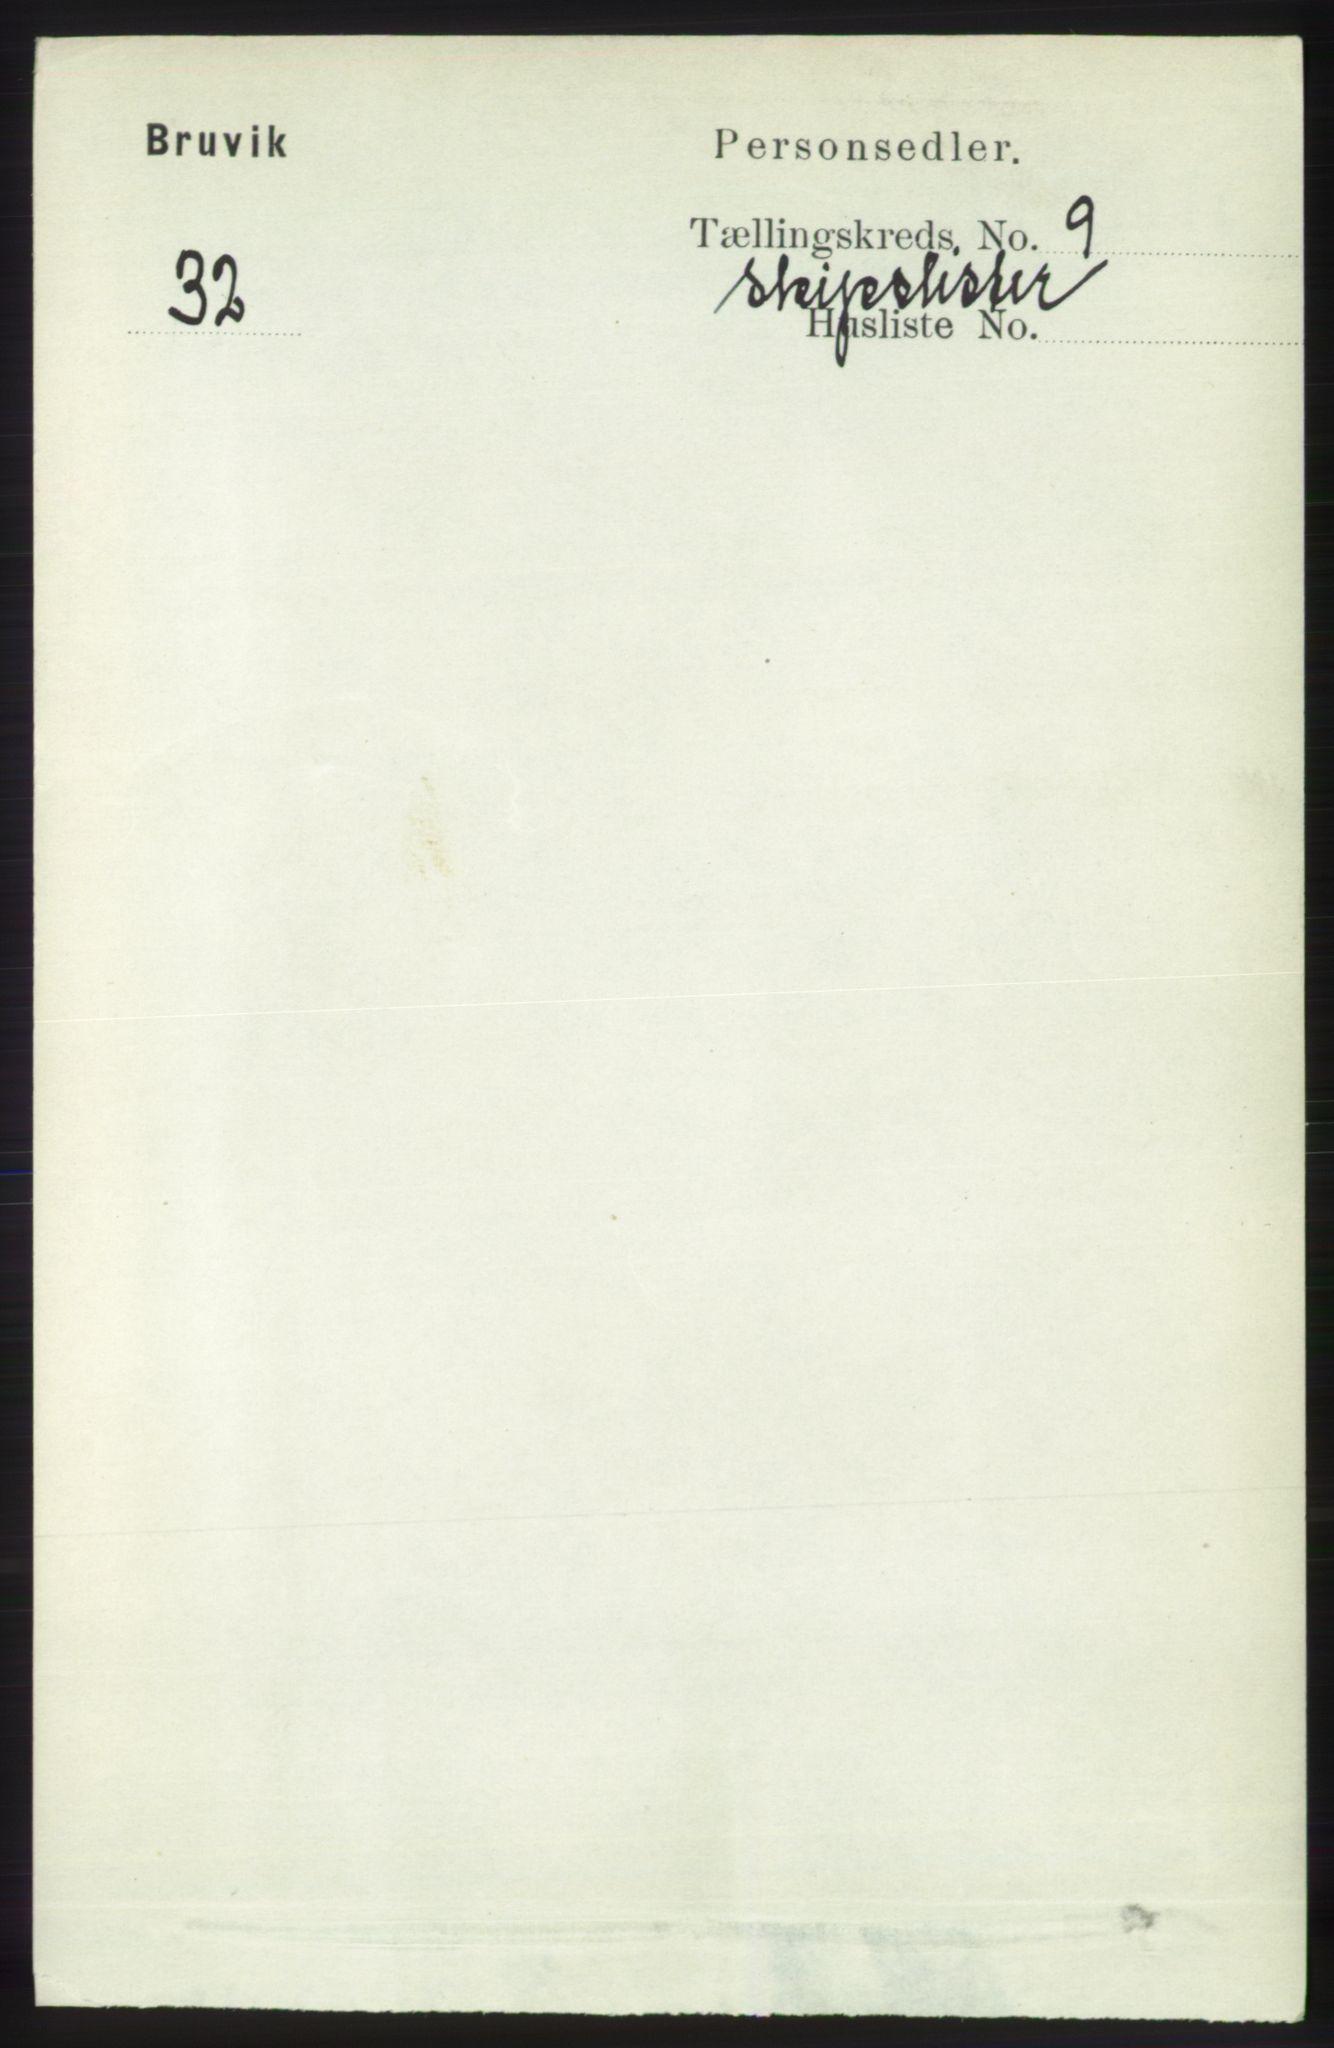 RA, Folketelling 1891 for 1251 Bruvik herred, 1891, s. 4142